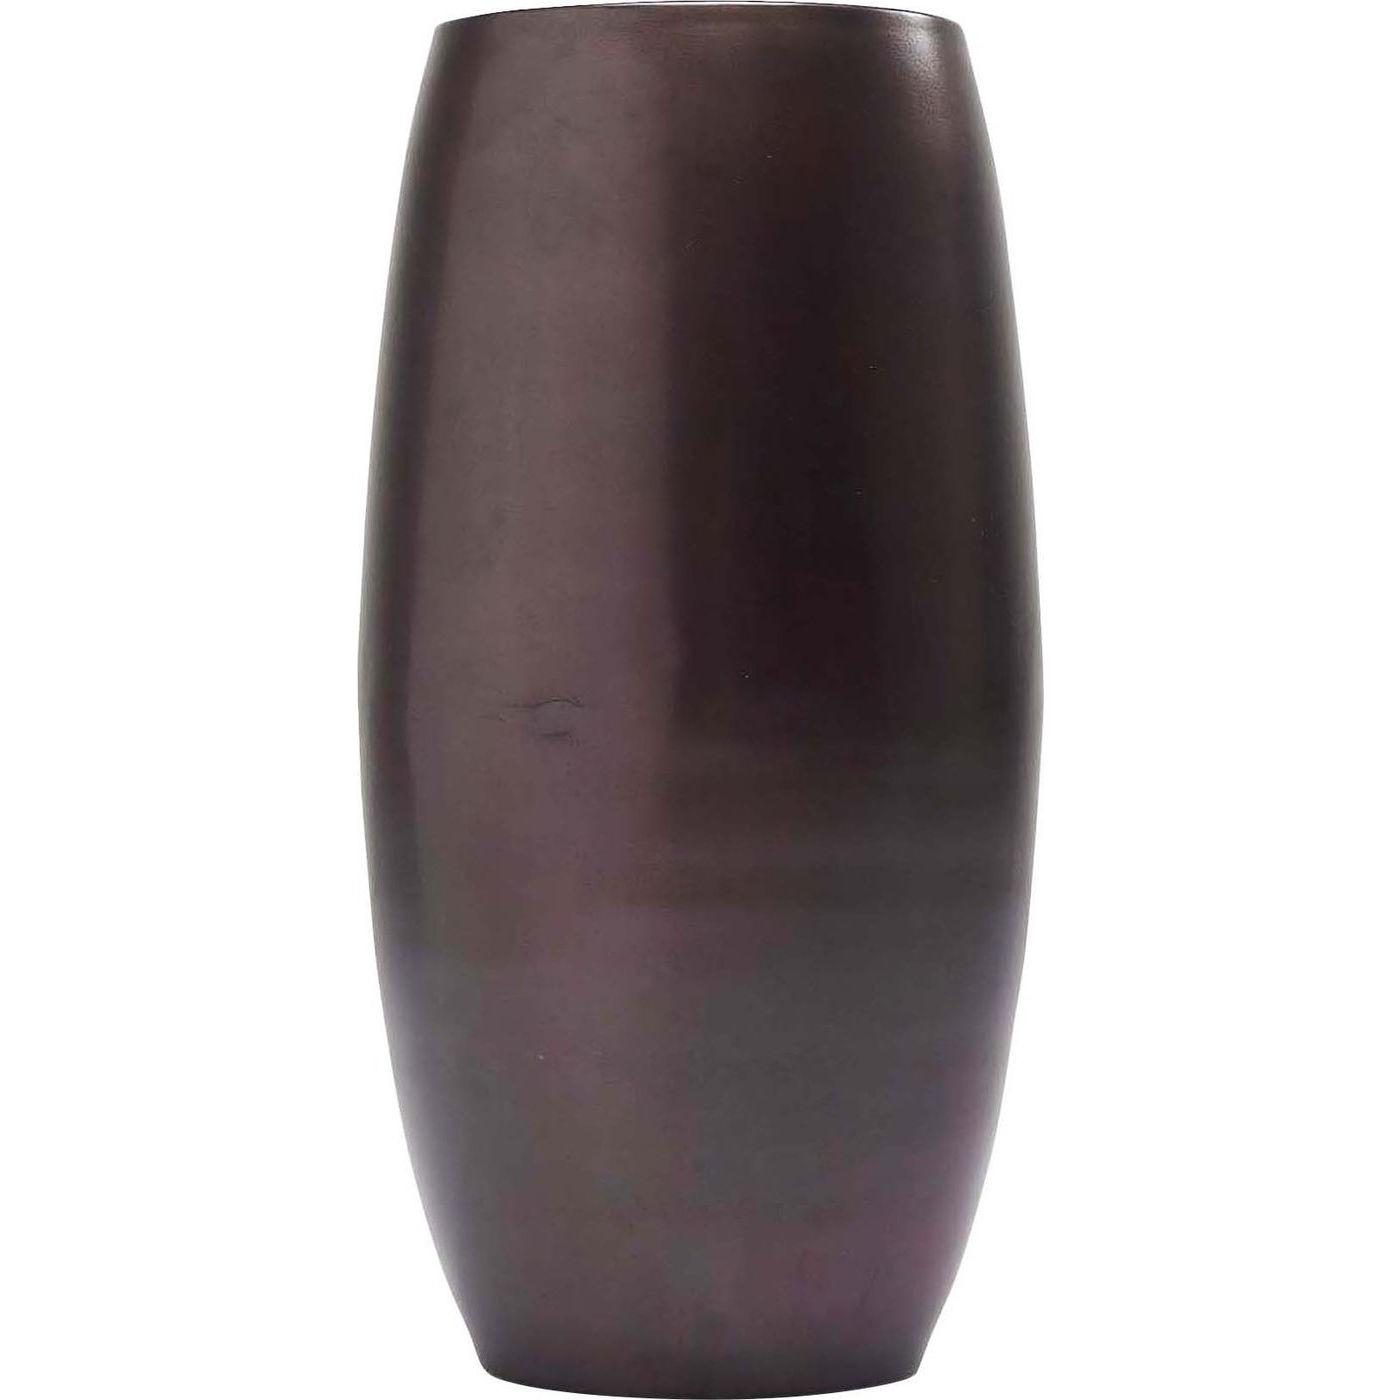 Kare design shadow vase - mørkt stål (ø 18) fra kare design på boboonline.dk